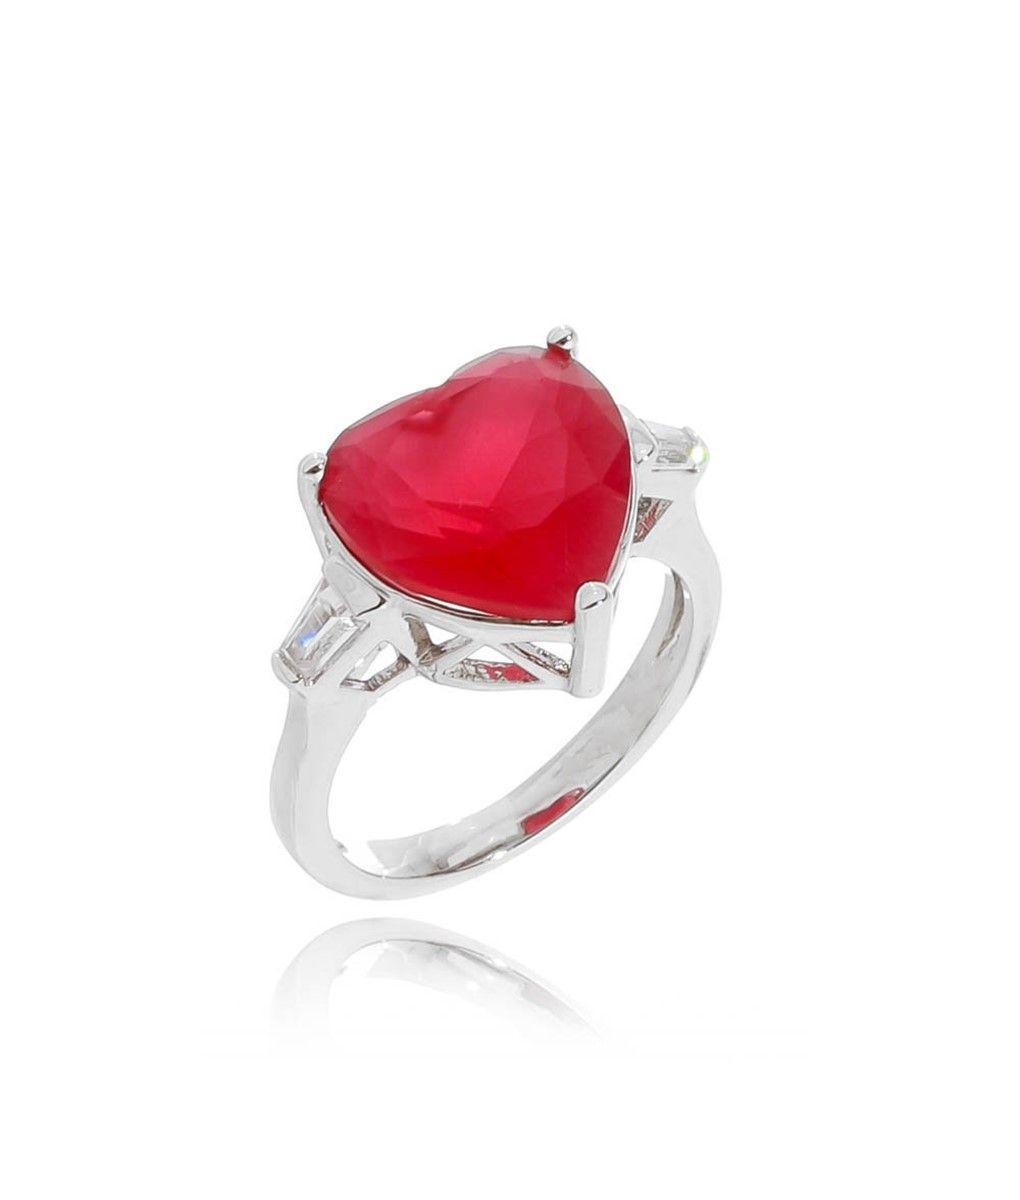 b7842ae11352e Anel de coração pedra vermelha rubi leitosa semi joia fina   Anéis ...